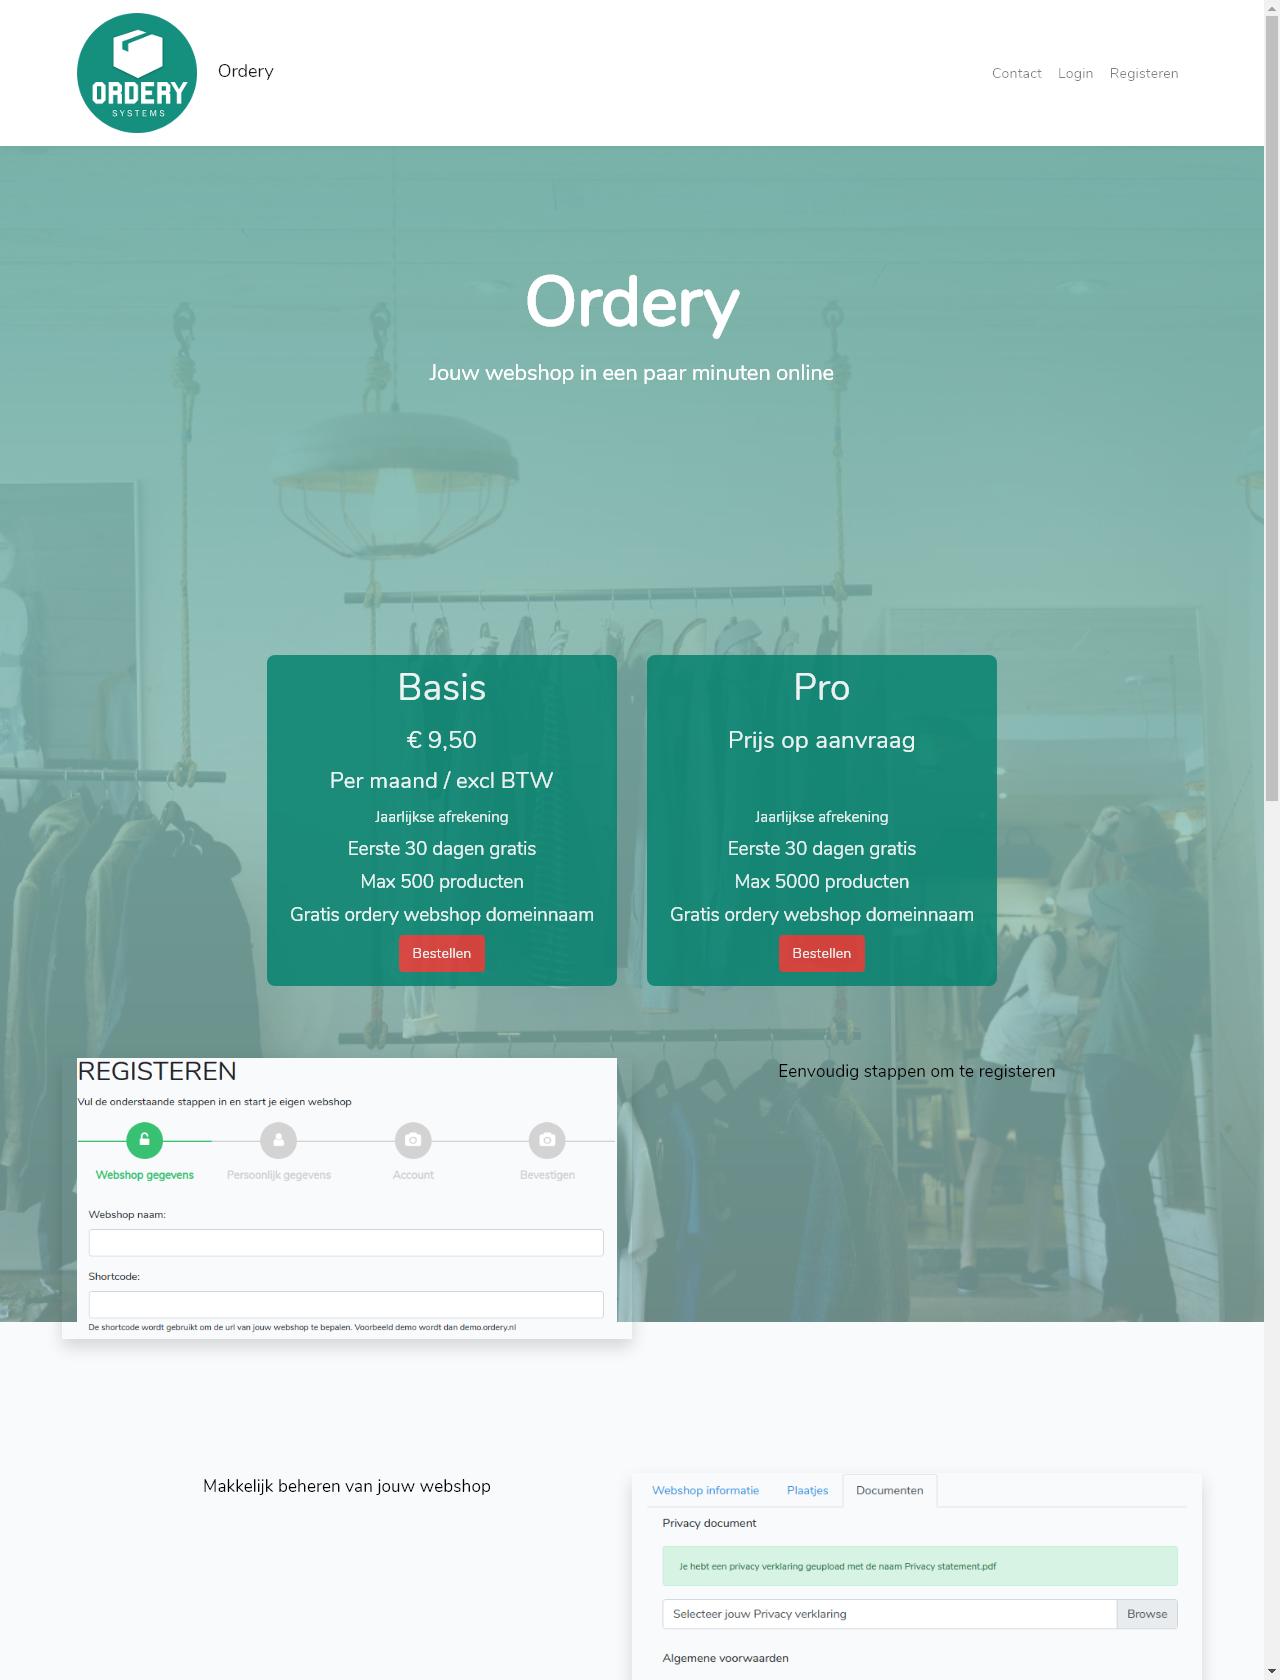 Screenshot Desktop - https://www.ordery.nl/